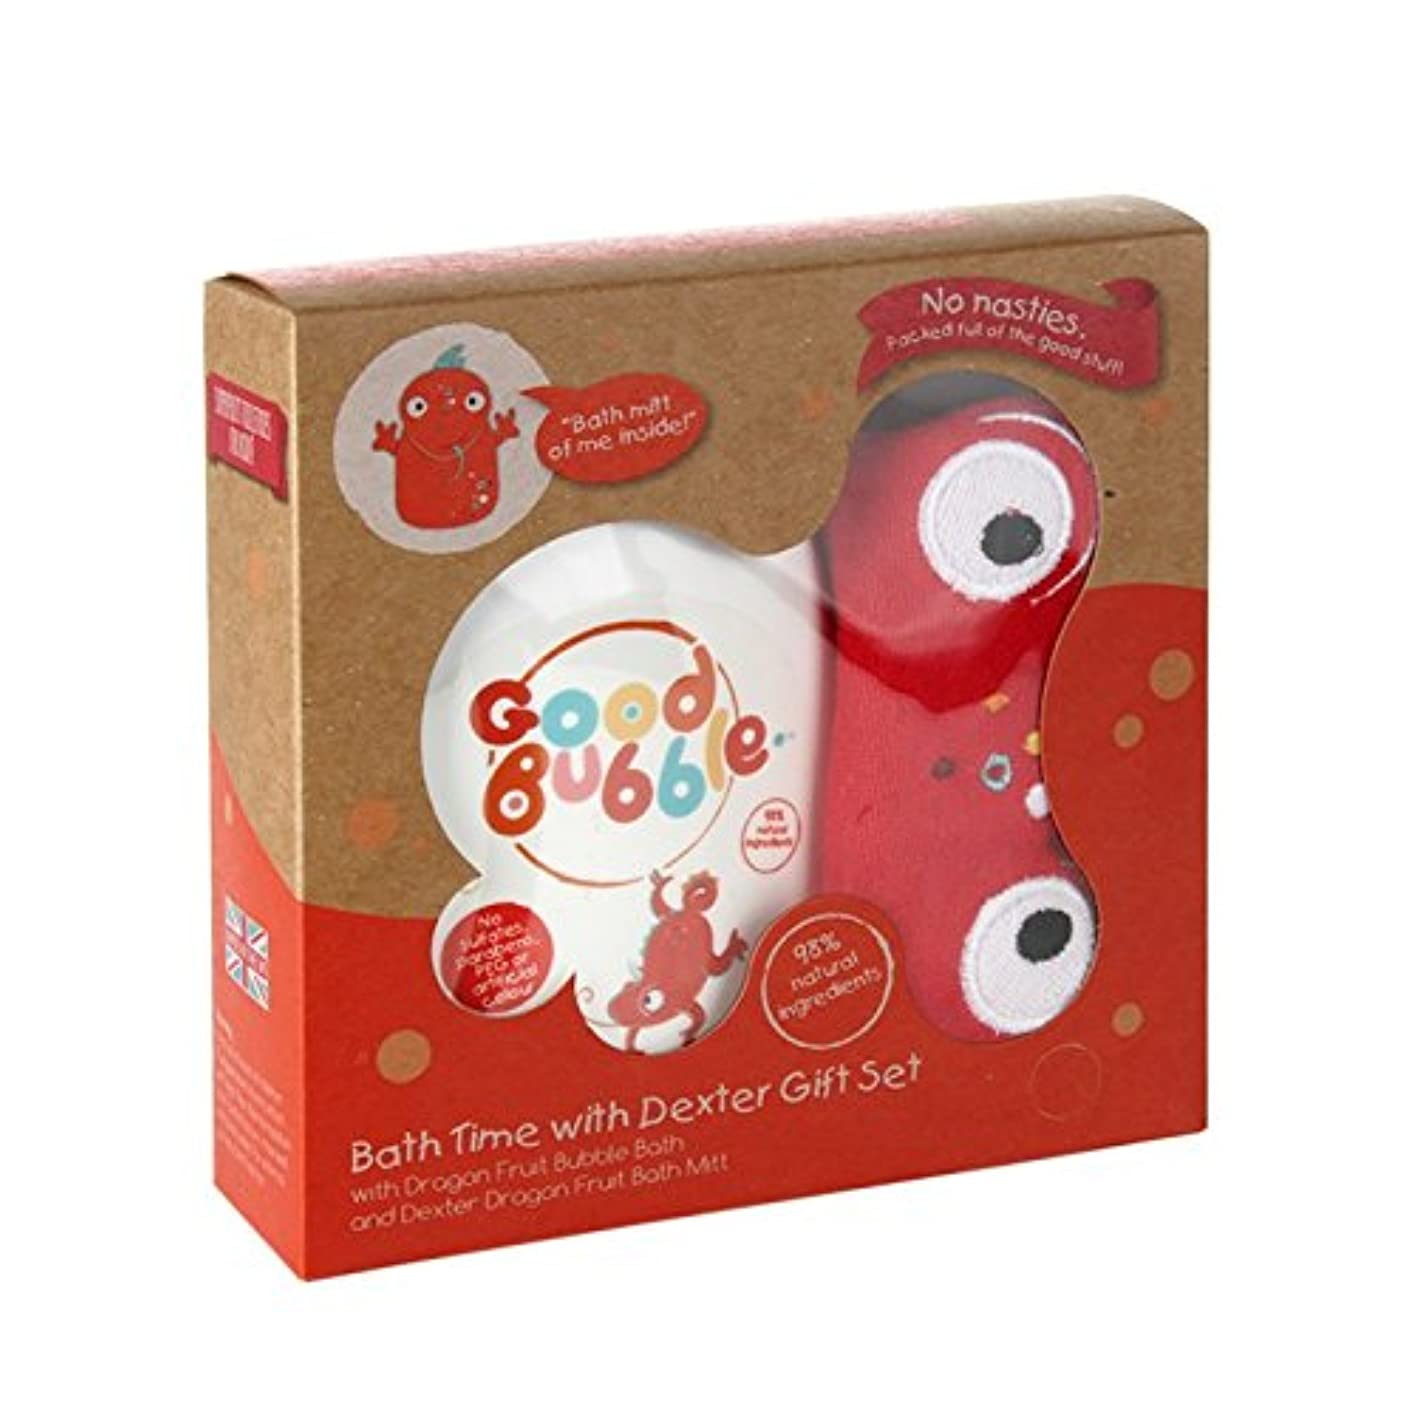 良いバブルデクスターDragonfruitギフトセット550グラム - Good Bubble Dexter Dragonfruit Gift Set 550g (Good Bubble) [並行輸入品]